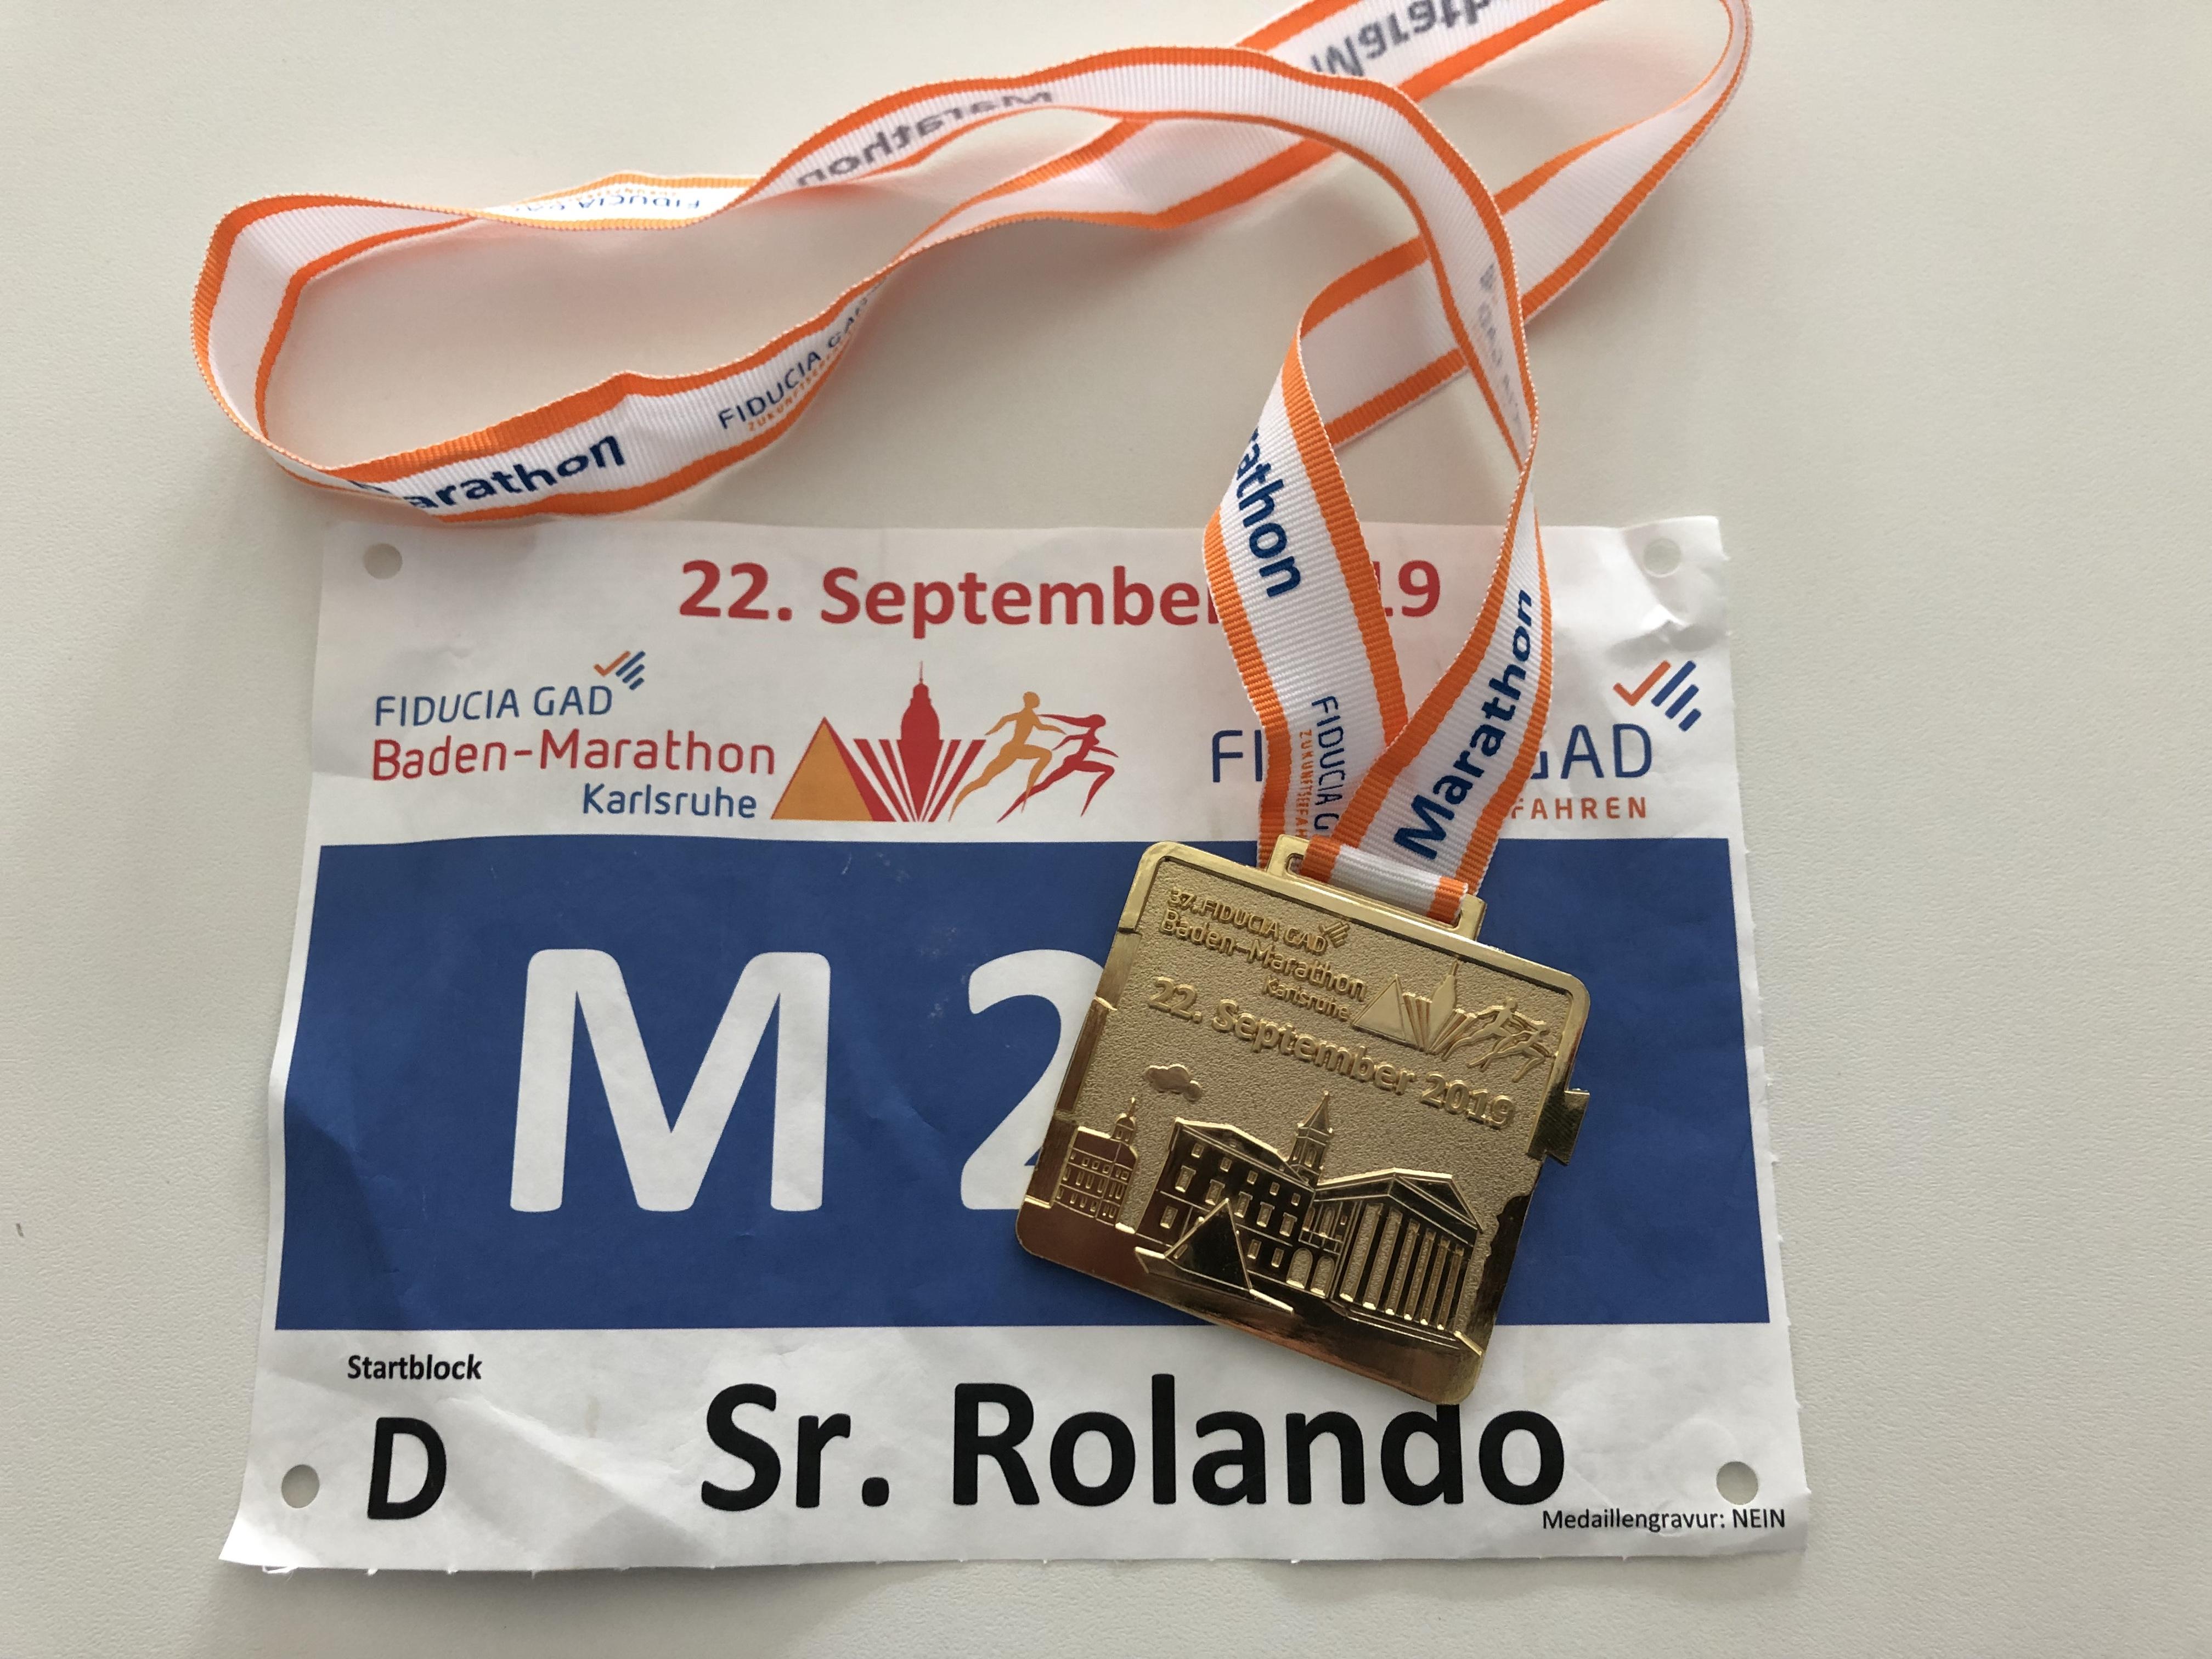 BadenMarathon 2019